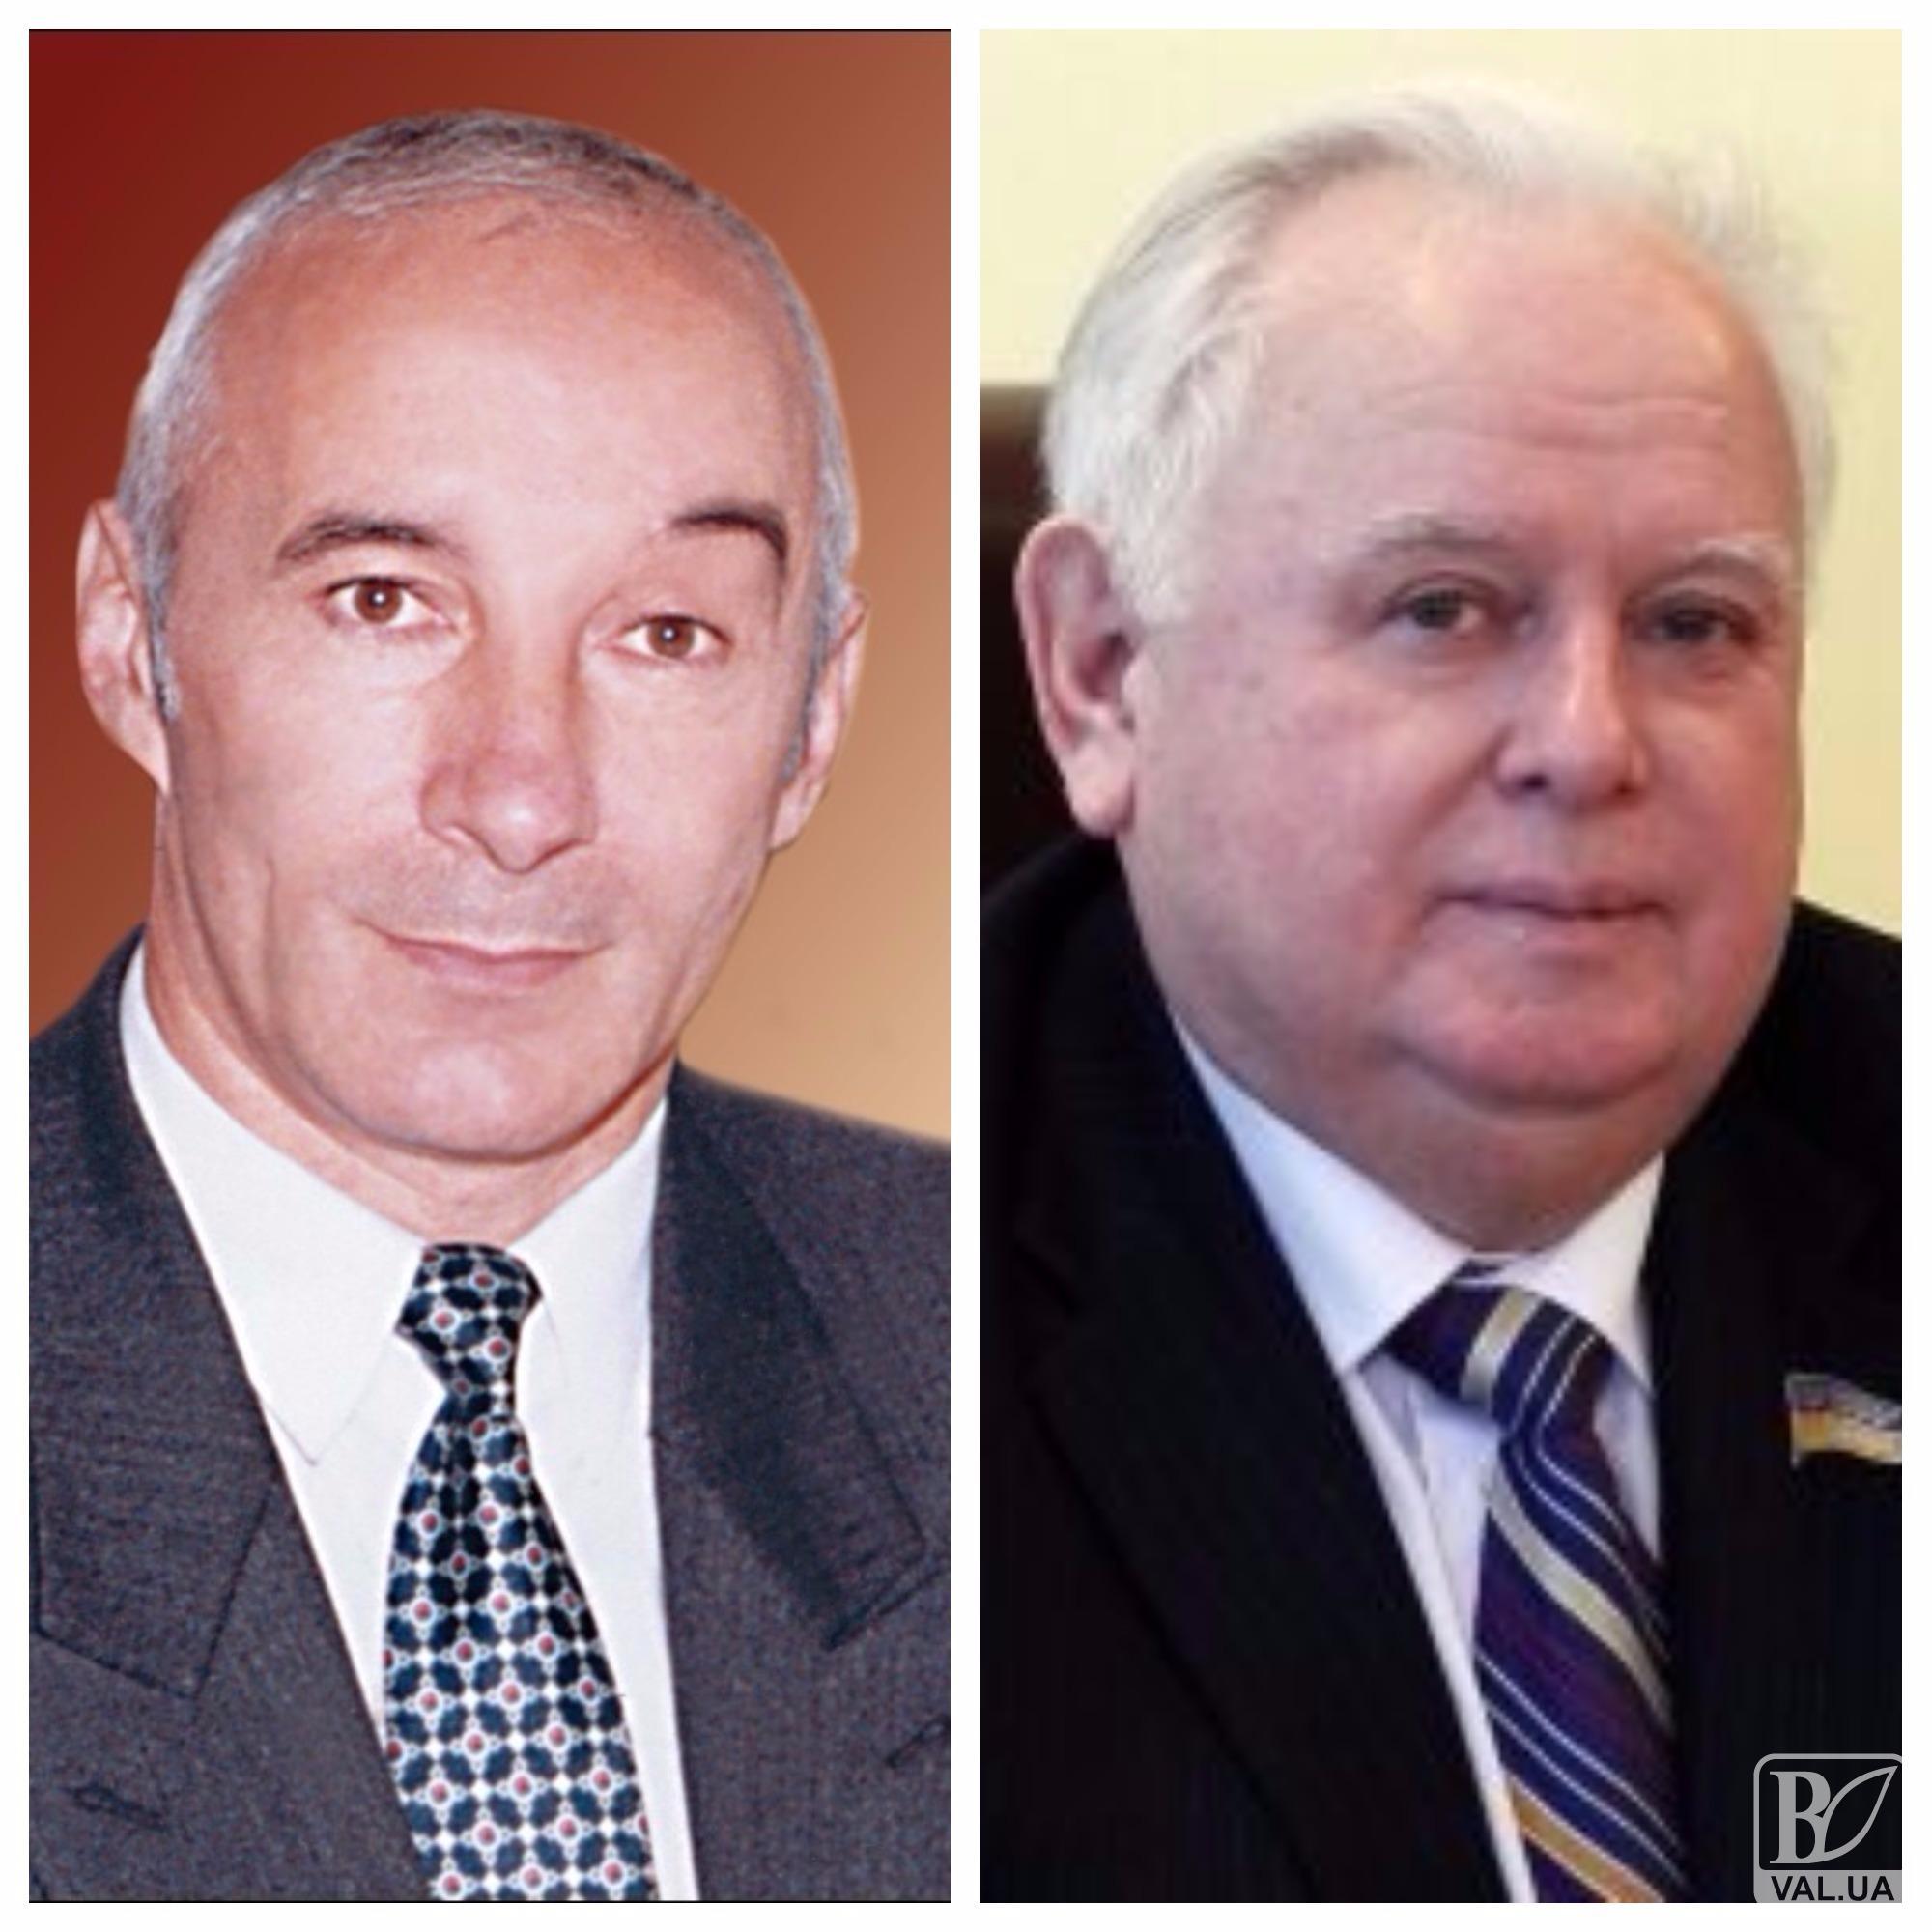 Мельничук за лічені дні обігнав Ткаченка у голосуванні на звання «Почесного громадянина Чернігівської області»